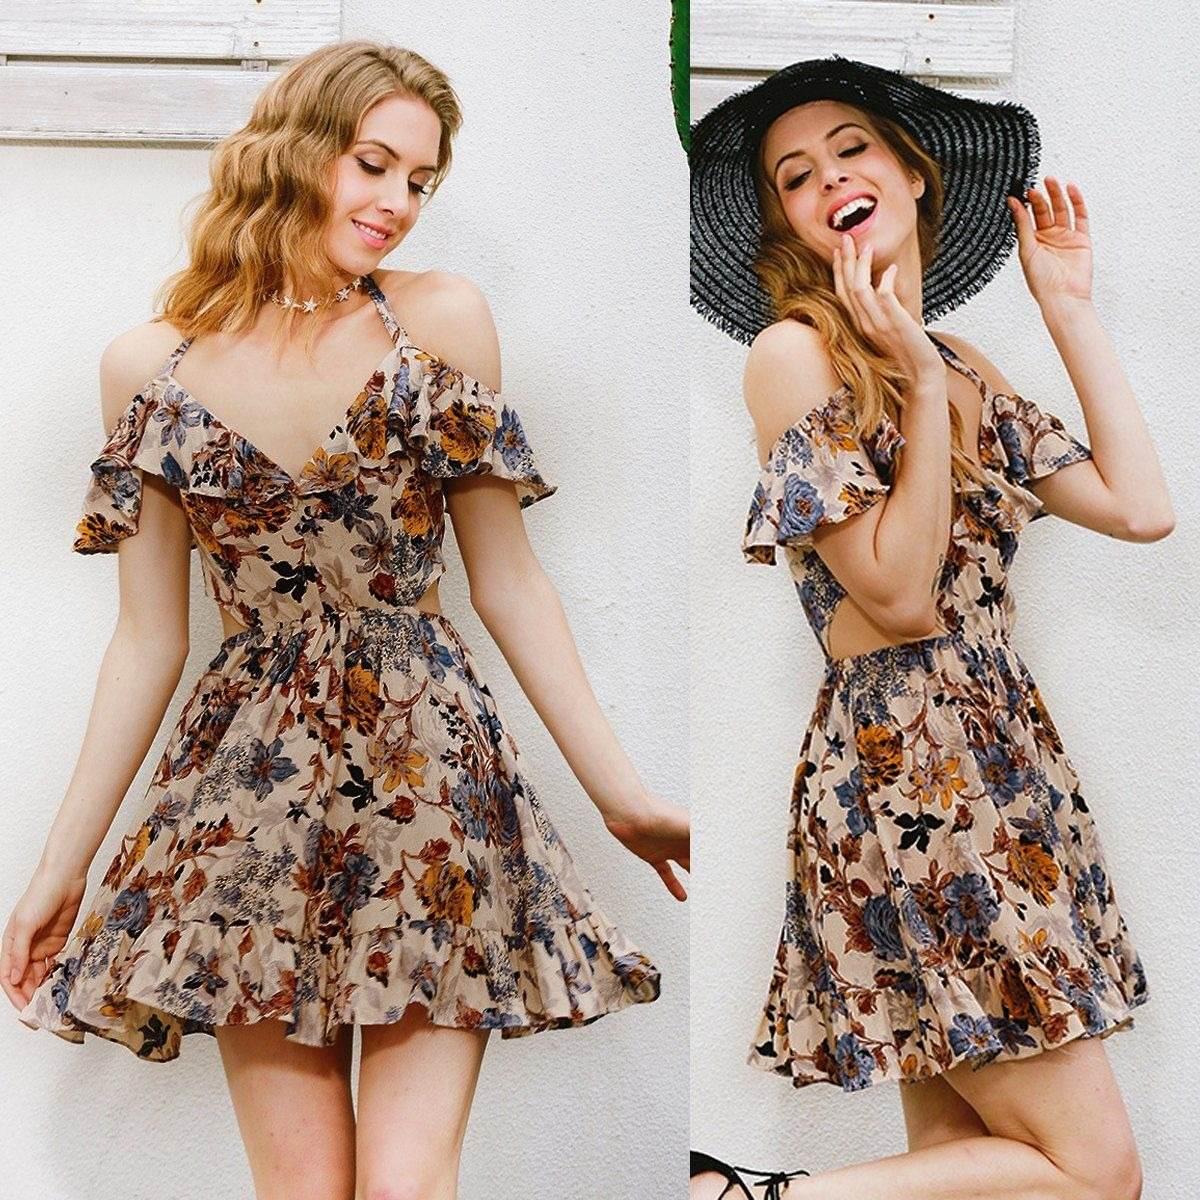 d62de5fdcd Vestido Casual Corto Floral Tipo Boho Moda 2019 Hemoso -   369.00 en ...